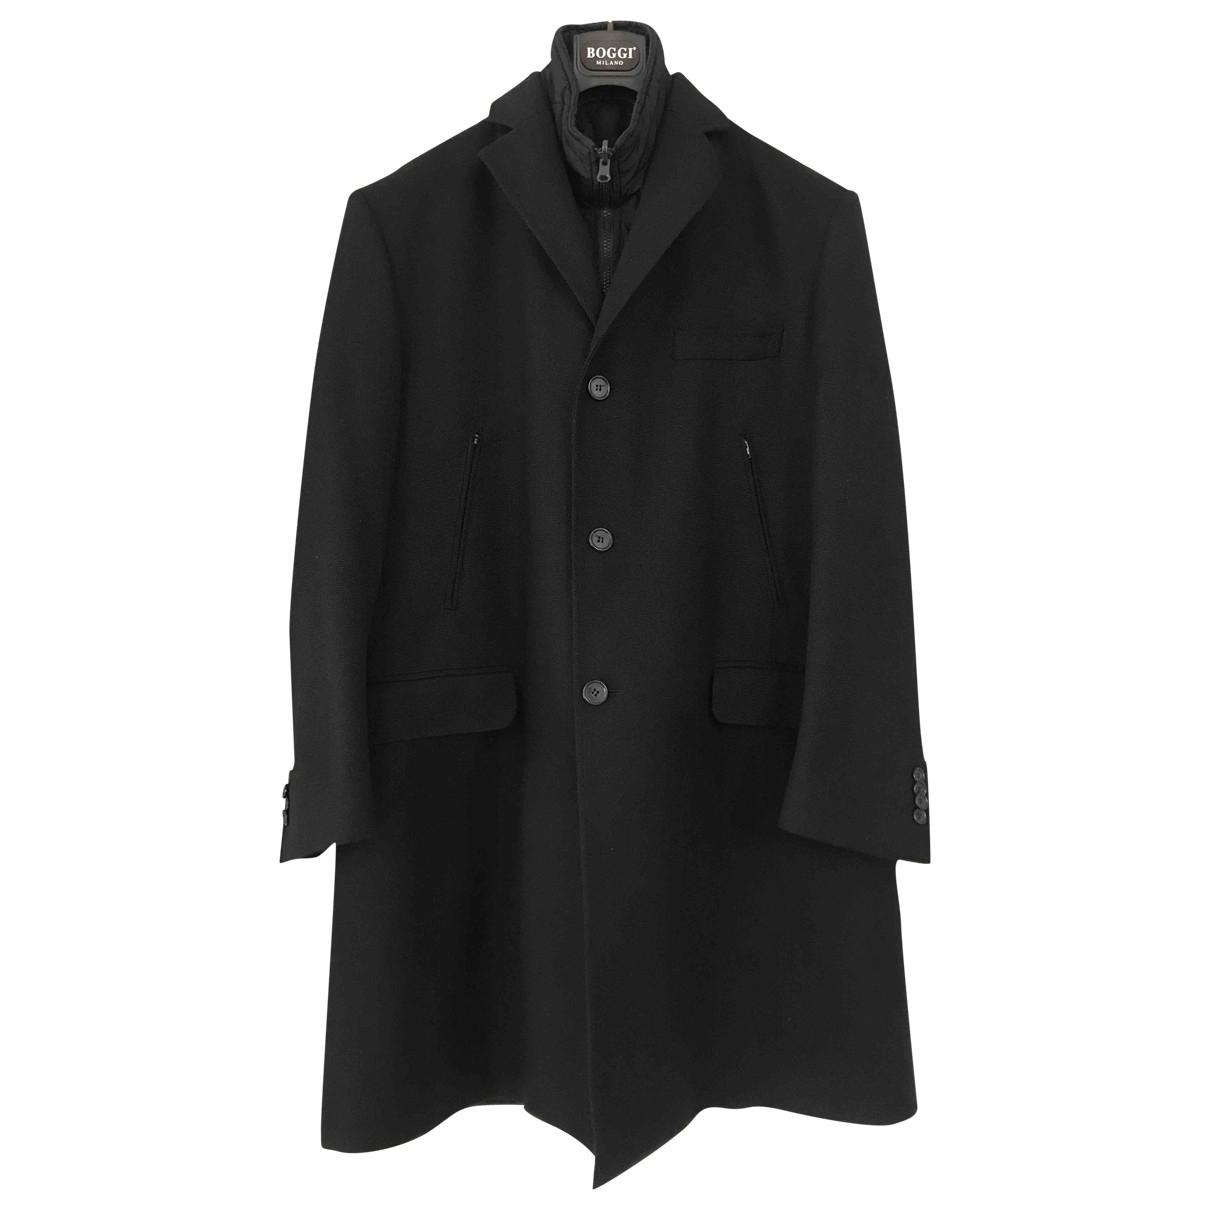 Boggi - Manteau   pour homme en laine - noir